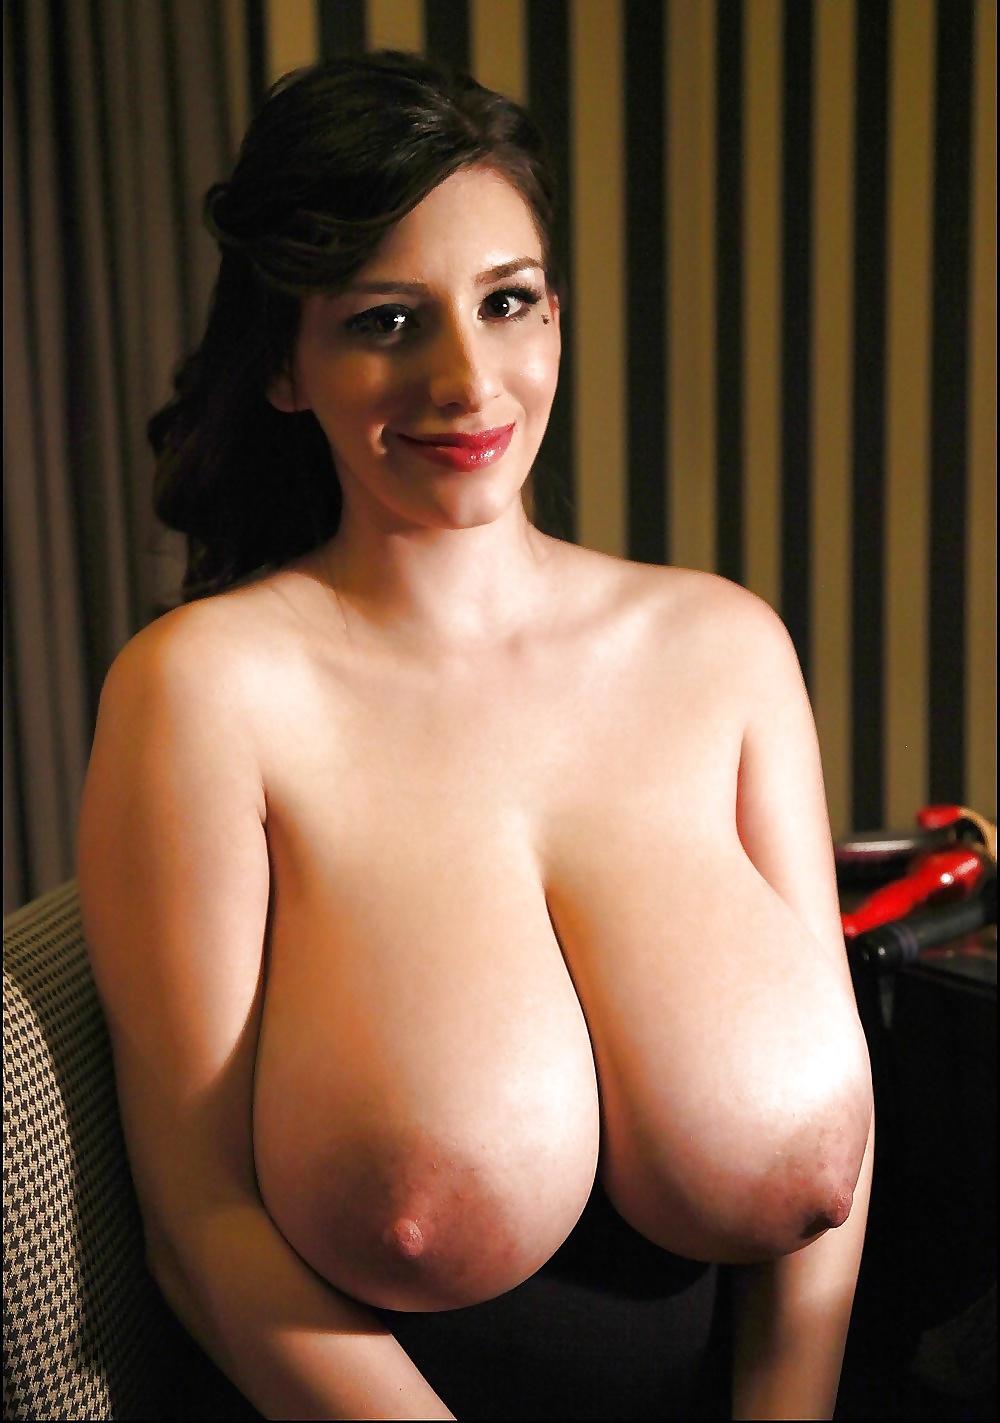 malini-young-free-natural-boobs-movies-full